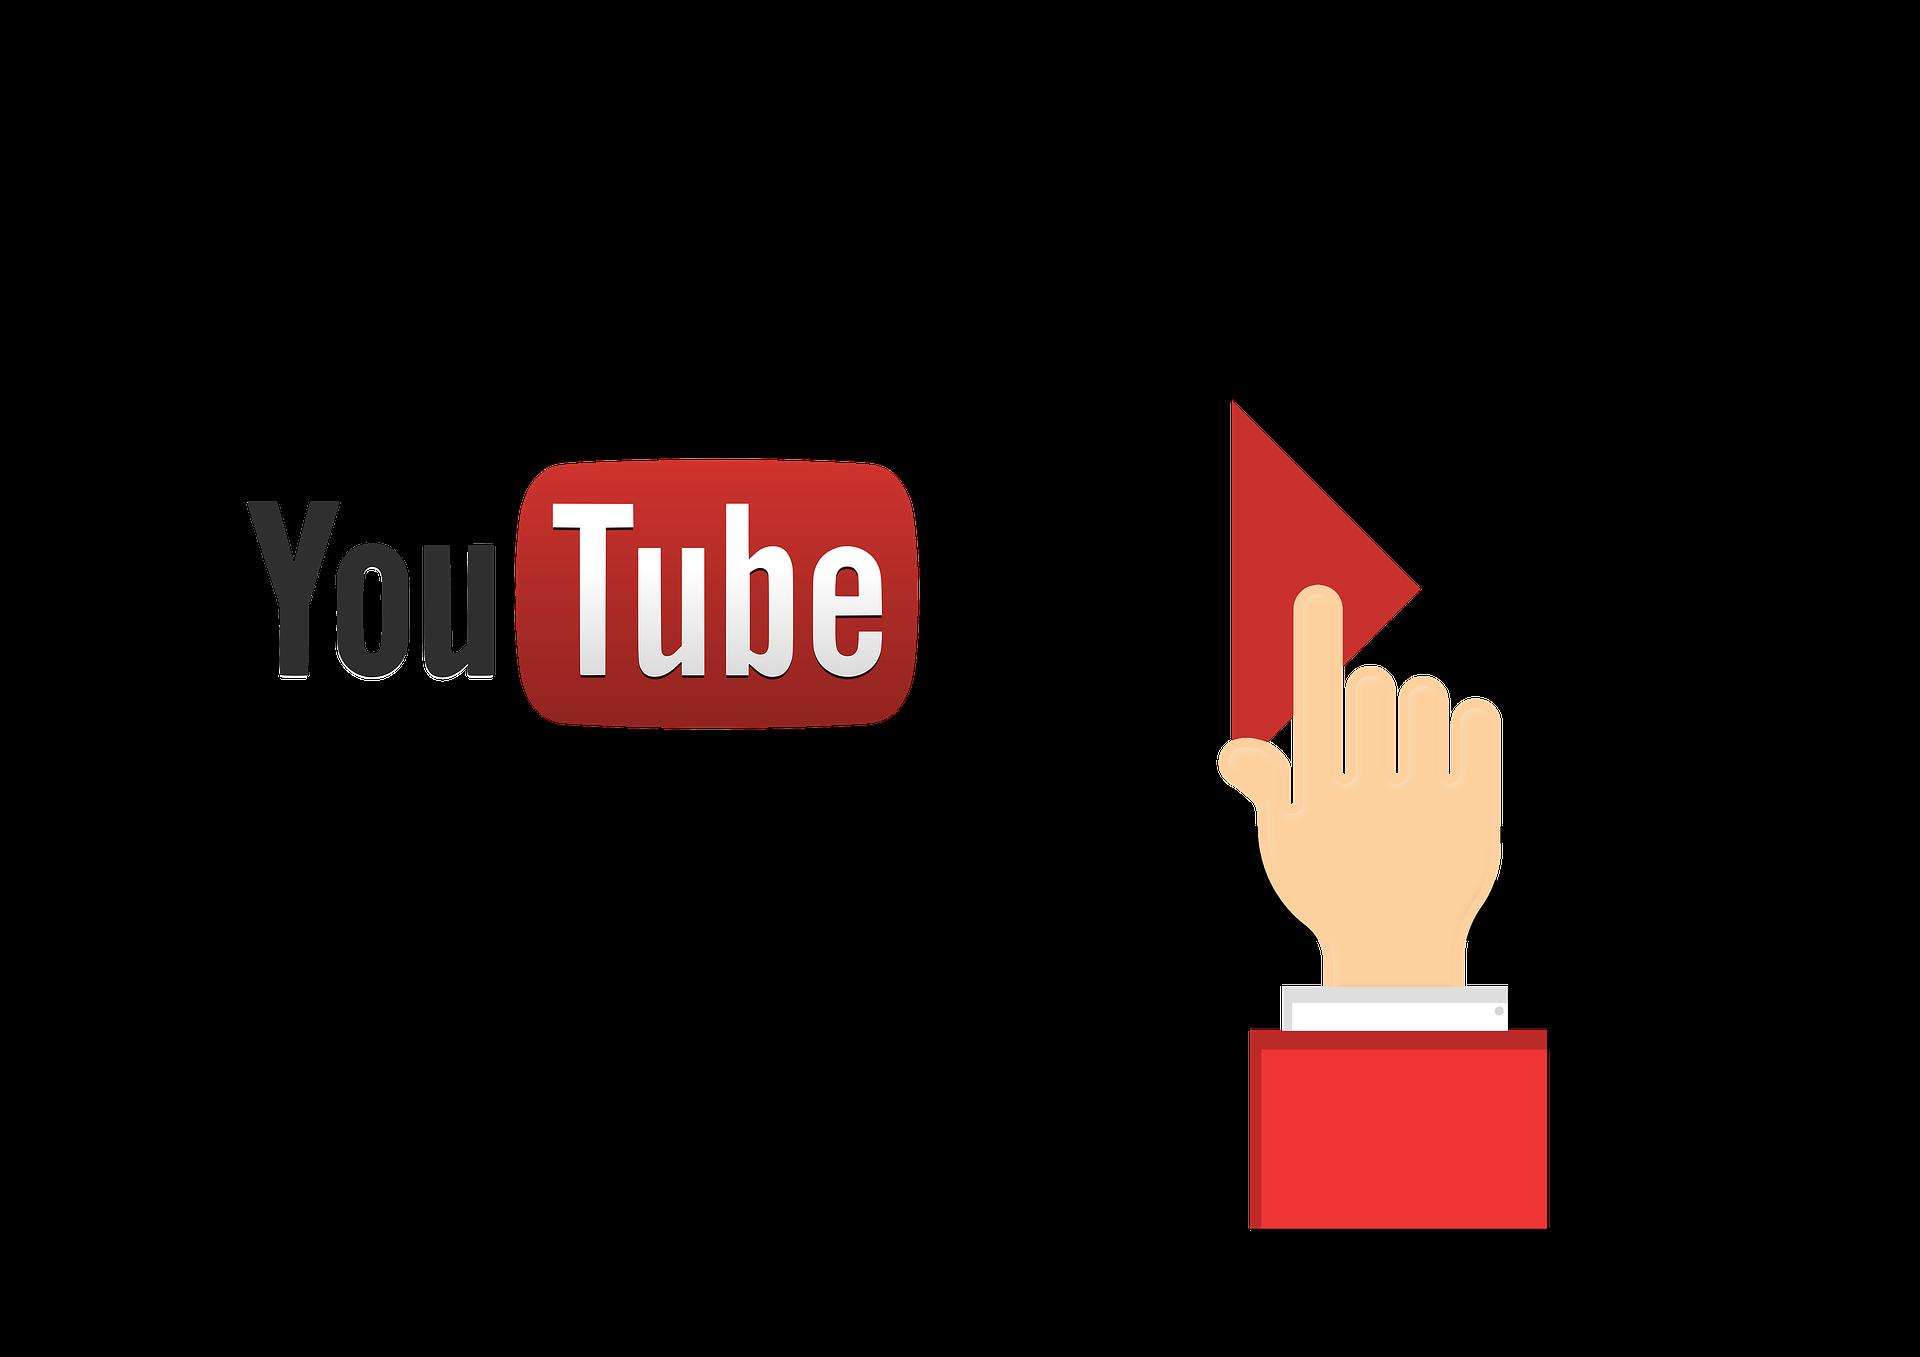 Saiba Como Criar uma Conta no Youtube para Divulgar Seu Negócio